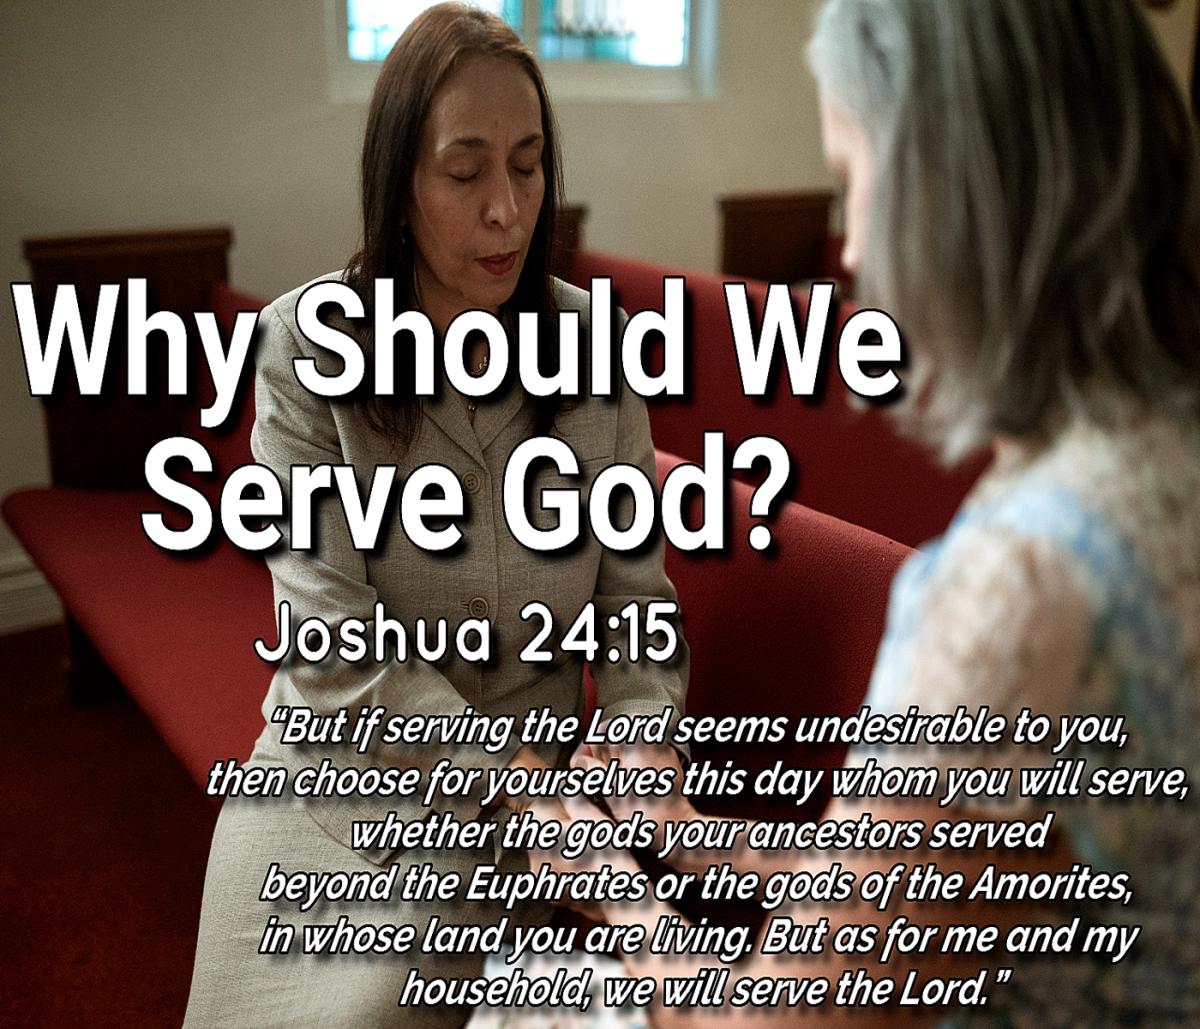 Why Should We Serve God?